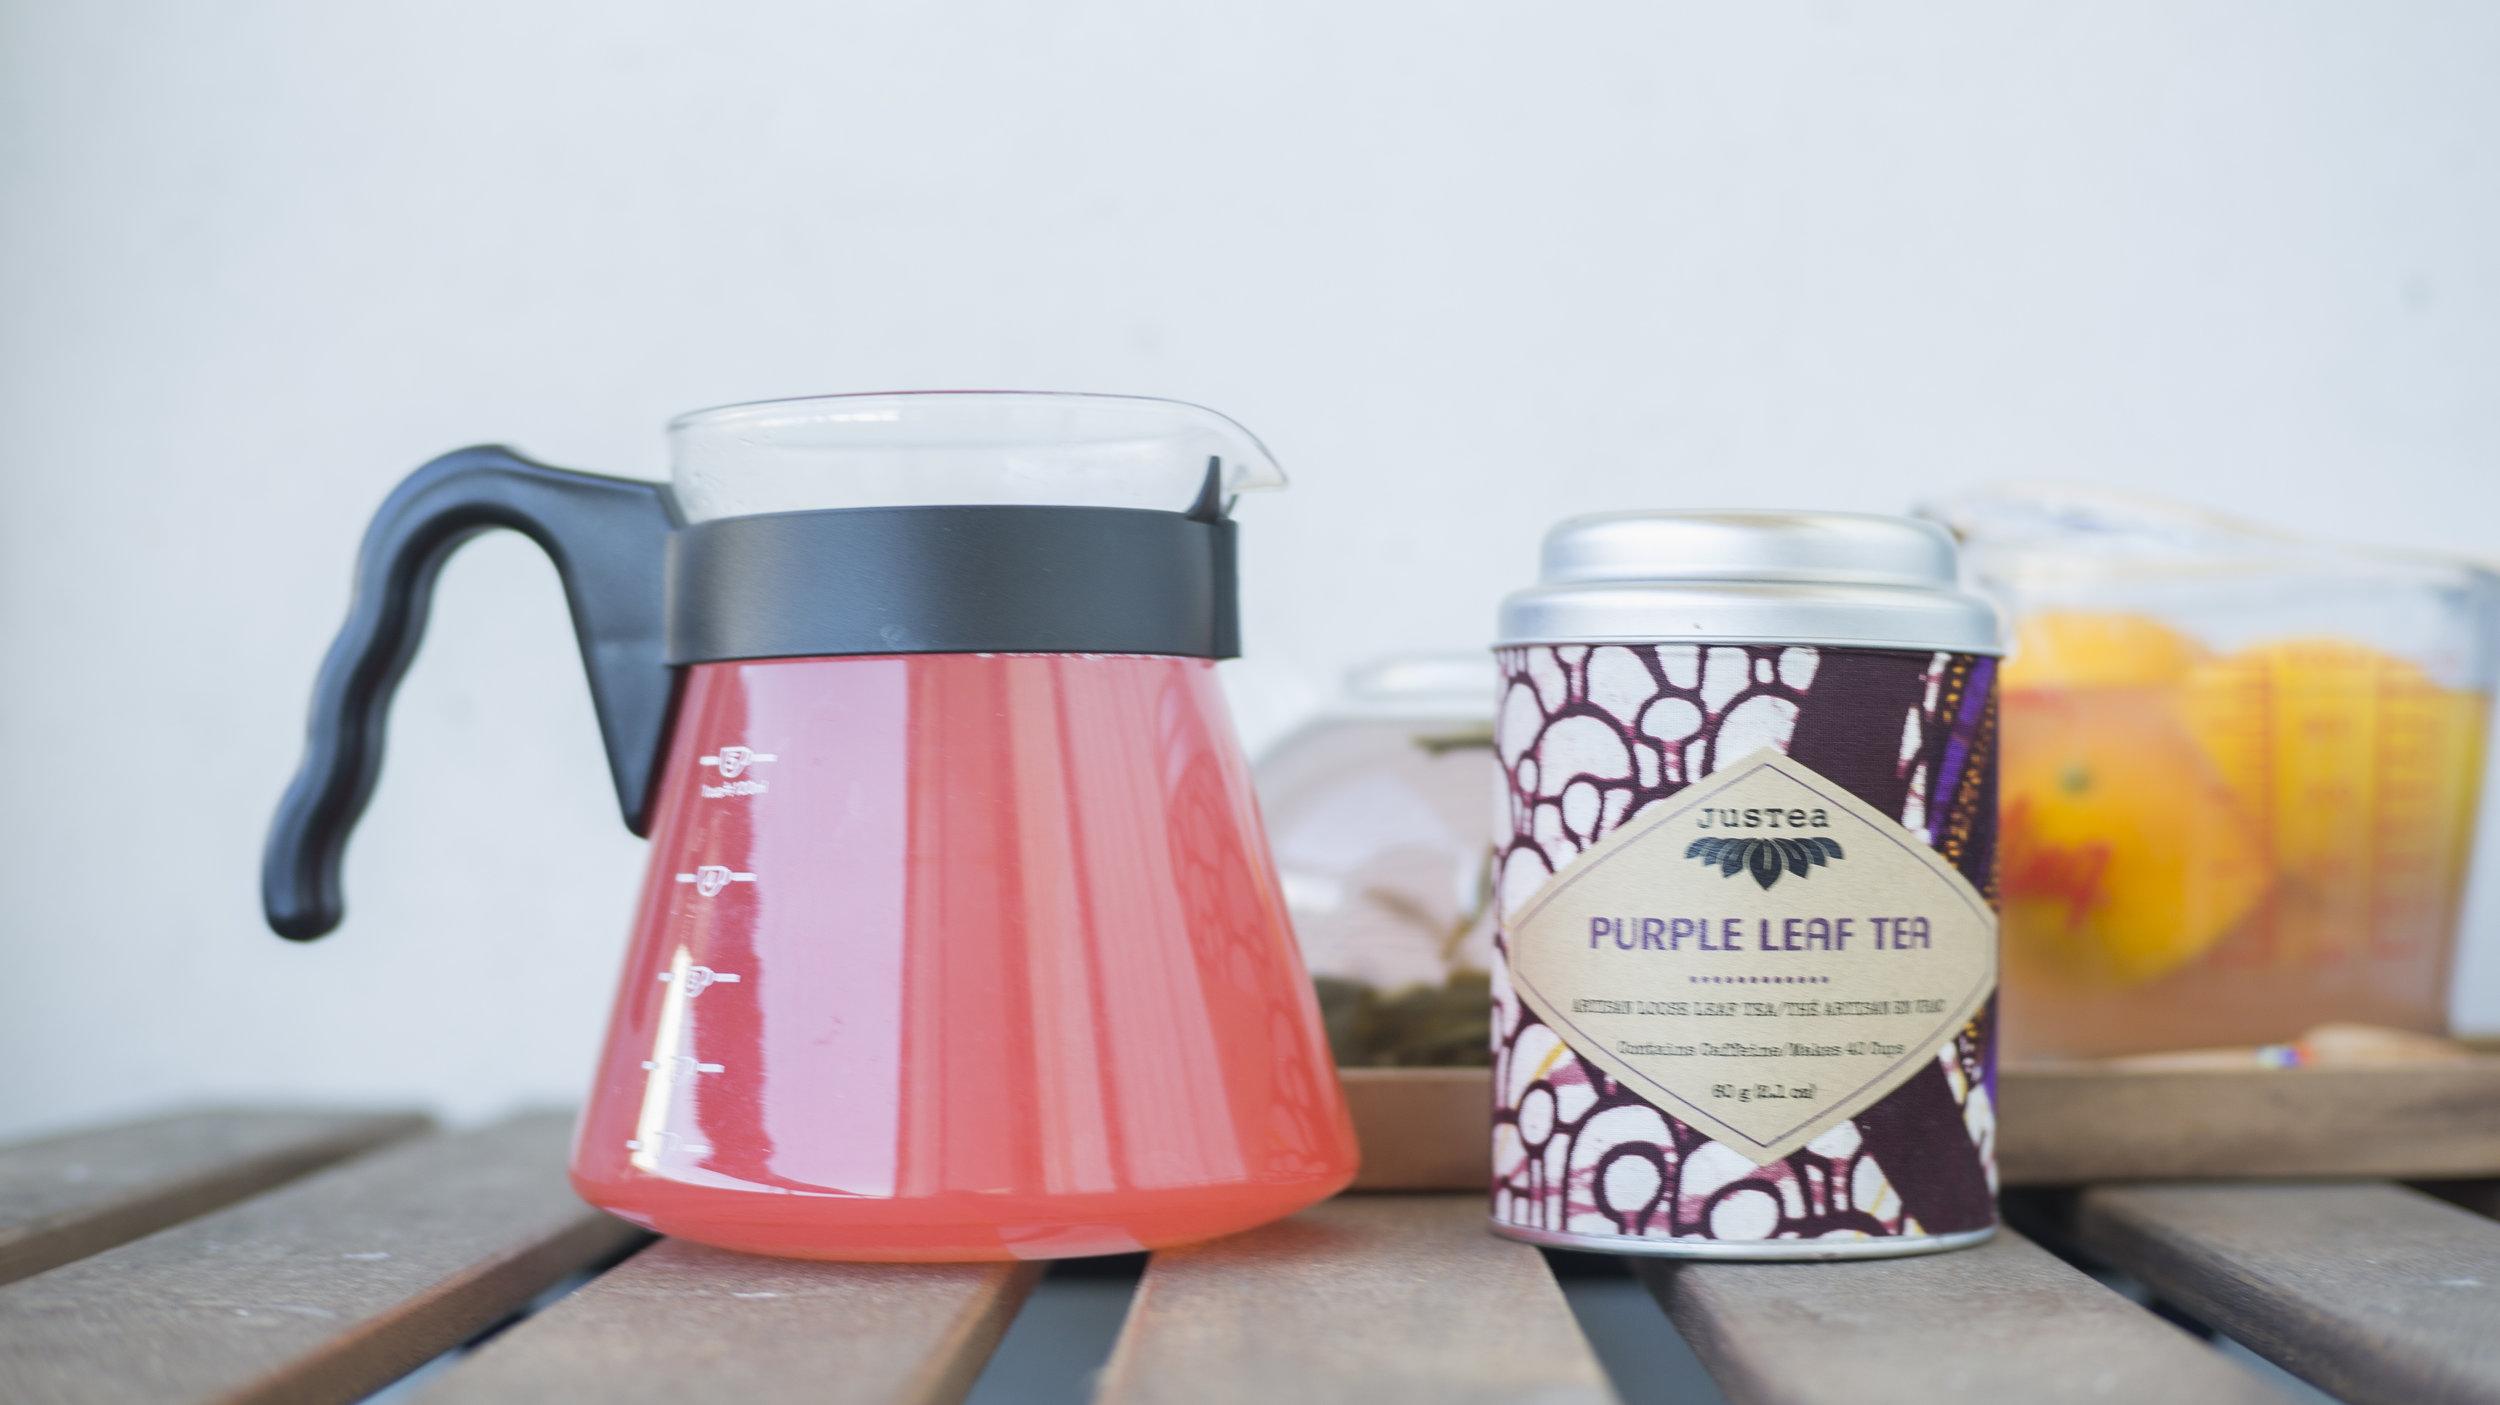 Purple Leaf Tea + A lot of Meyer Lemon